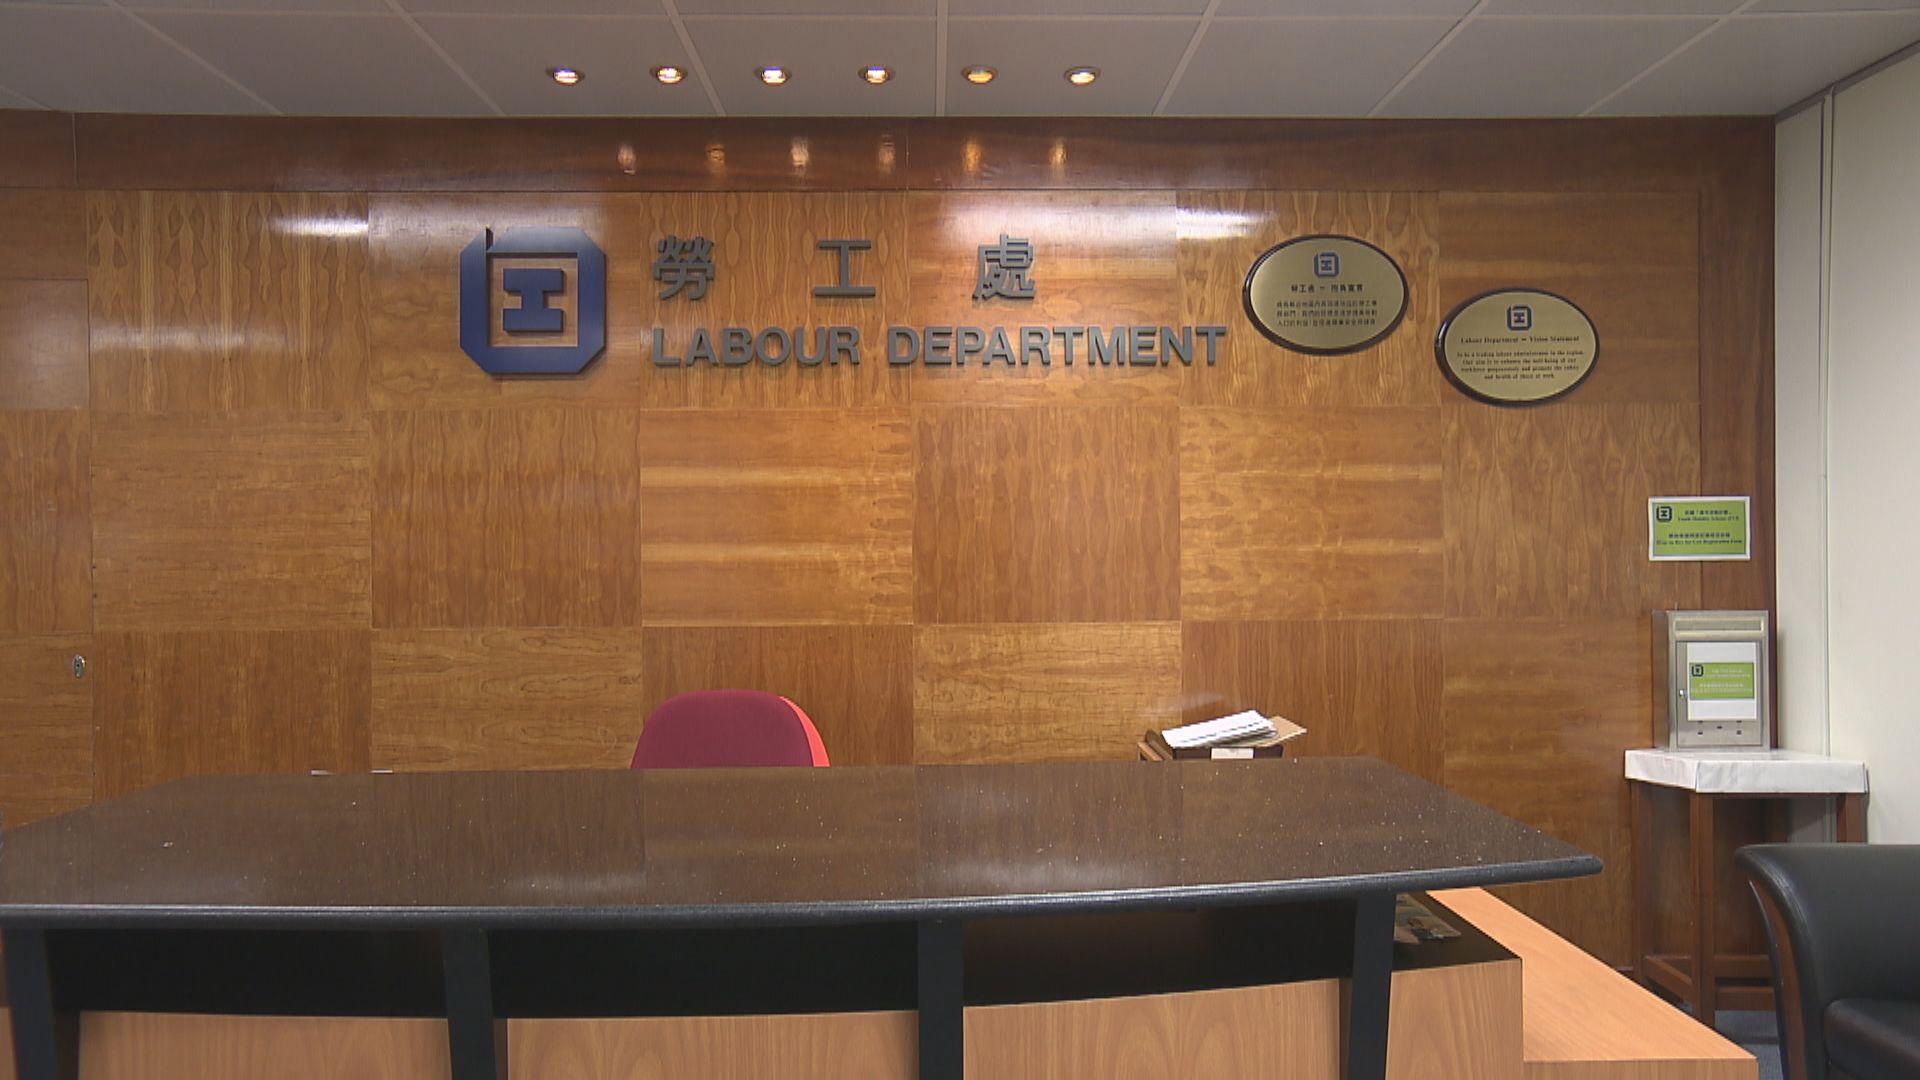 勞工處:已向國泰清晰轉達僱員訴求